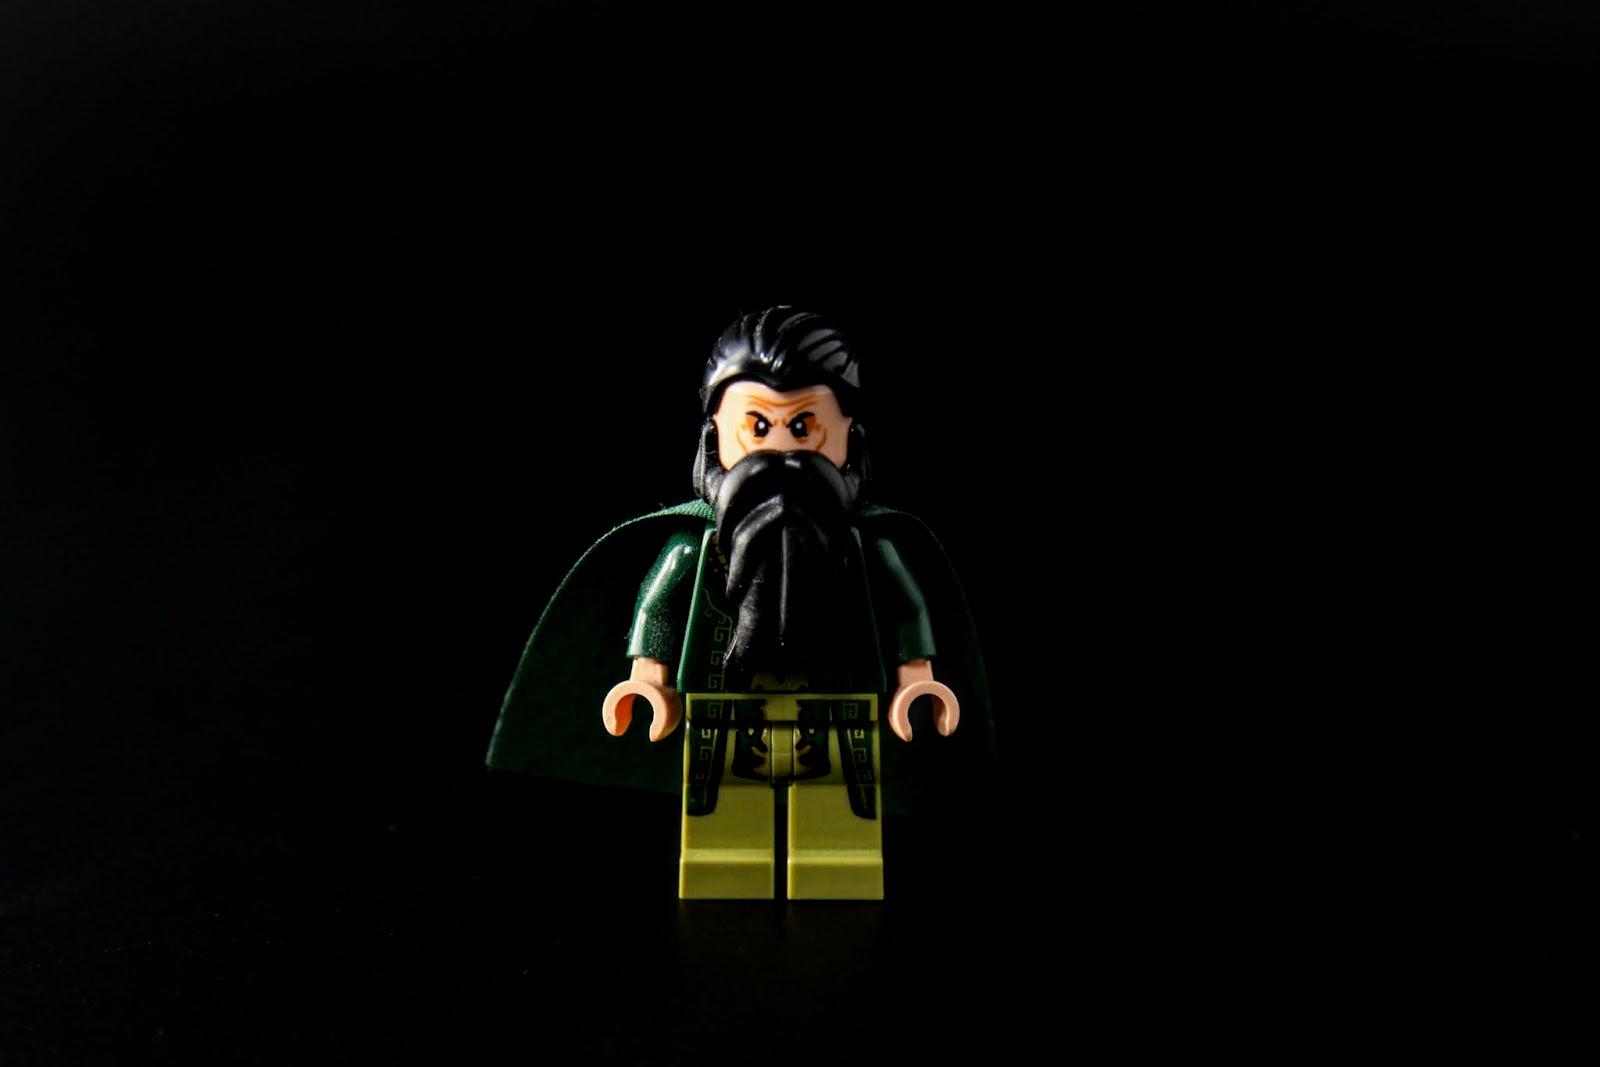 大鬍子的形象跟電影版不太一樣,比較接近漫畫版